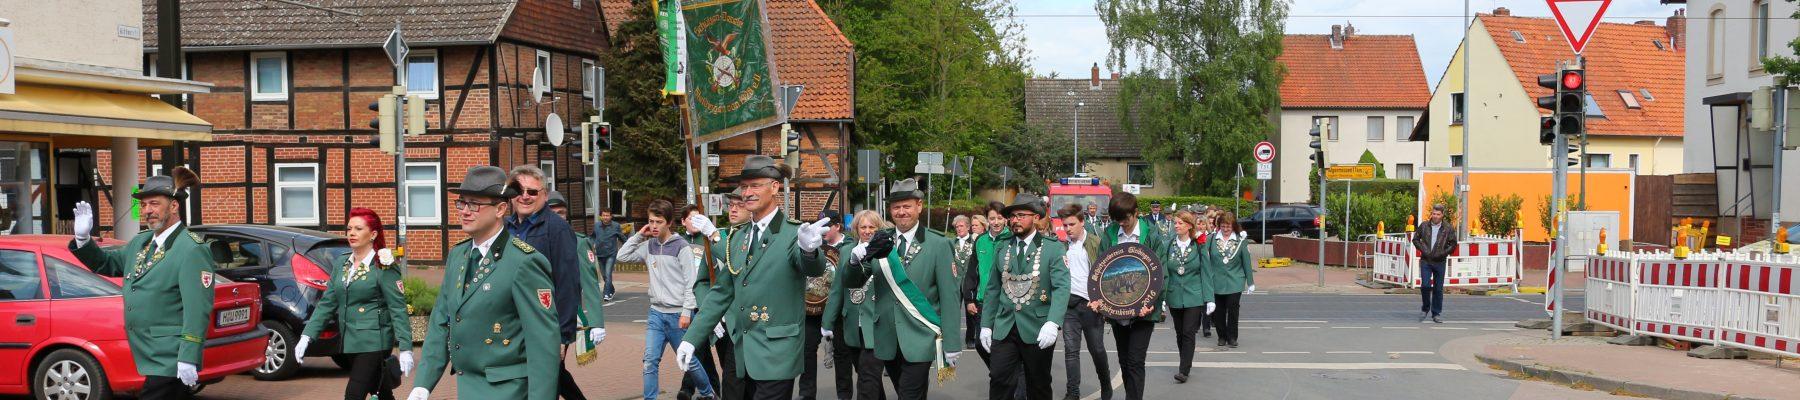 Schützenverein Gleidingen